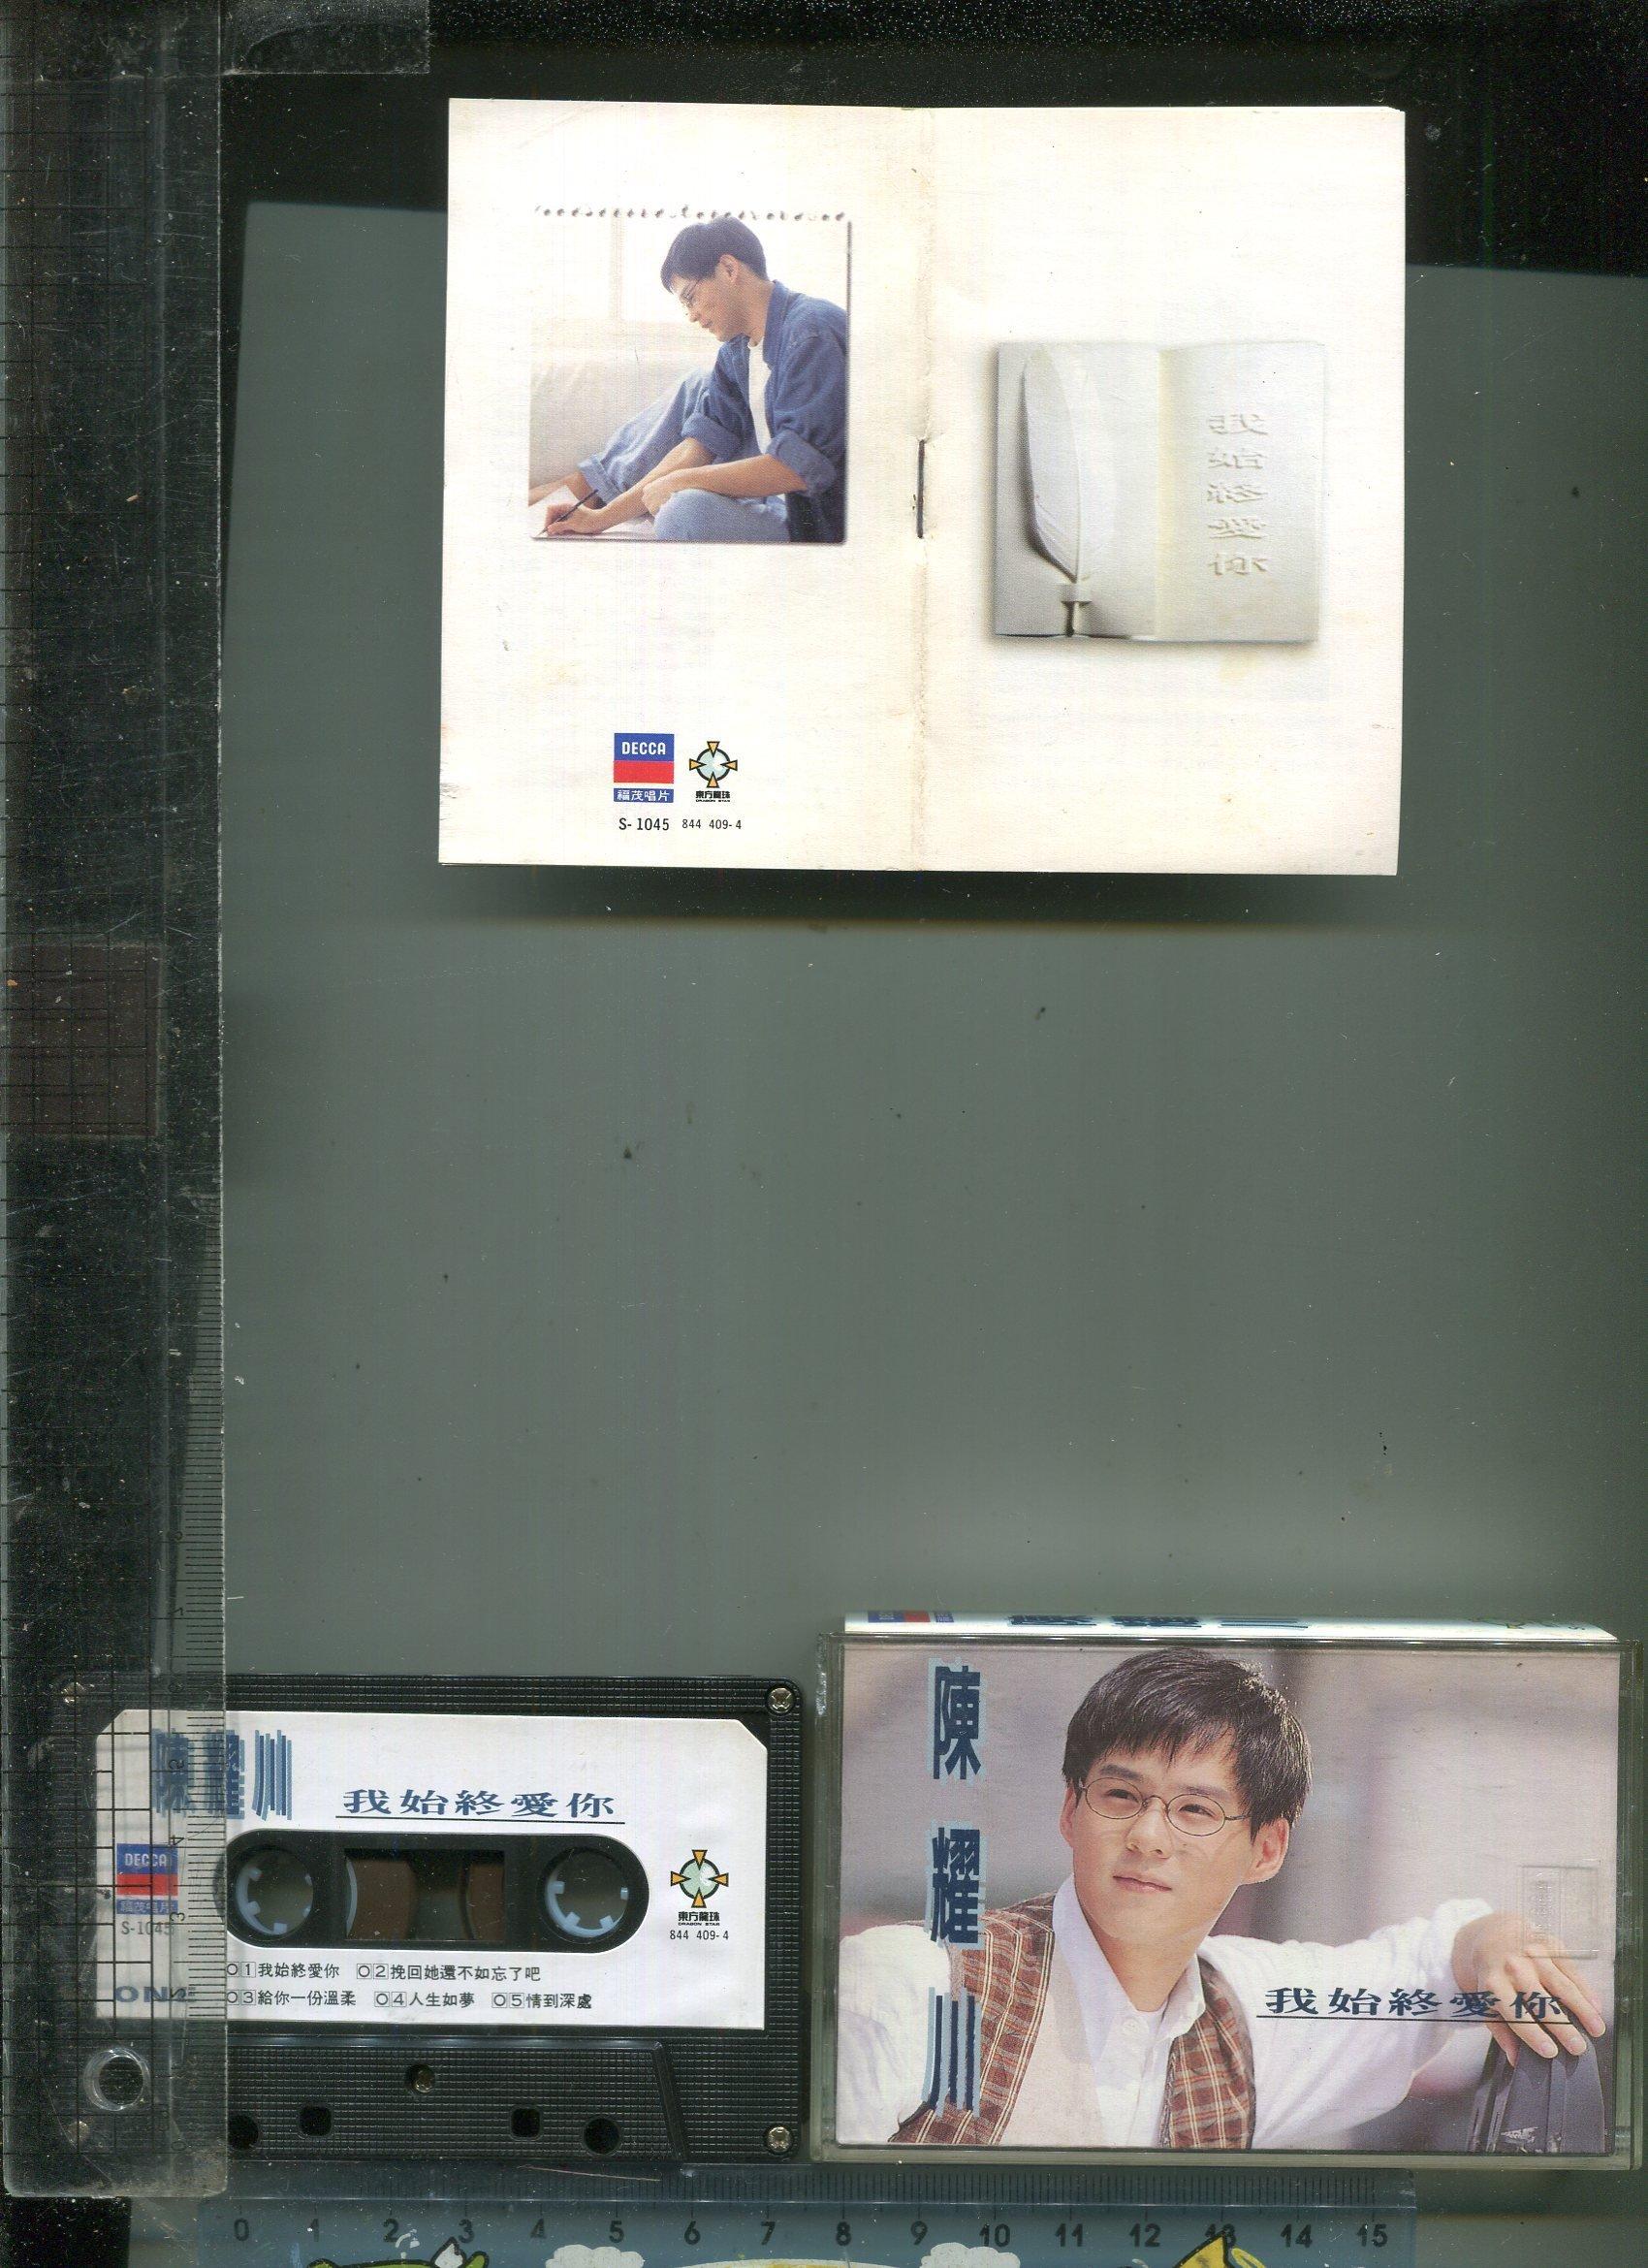 陳耀川  我始終愛你   福茂唱片發行二手錄音帶 (+歌詞)